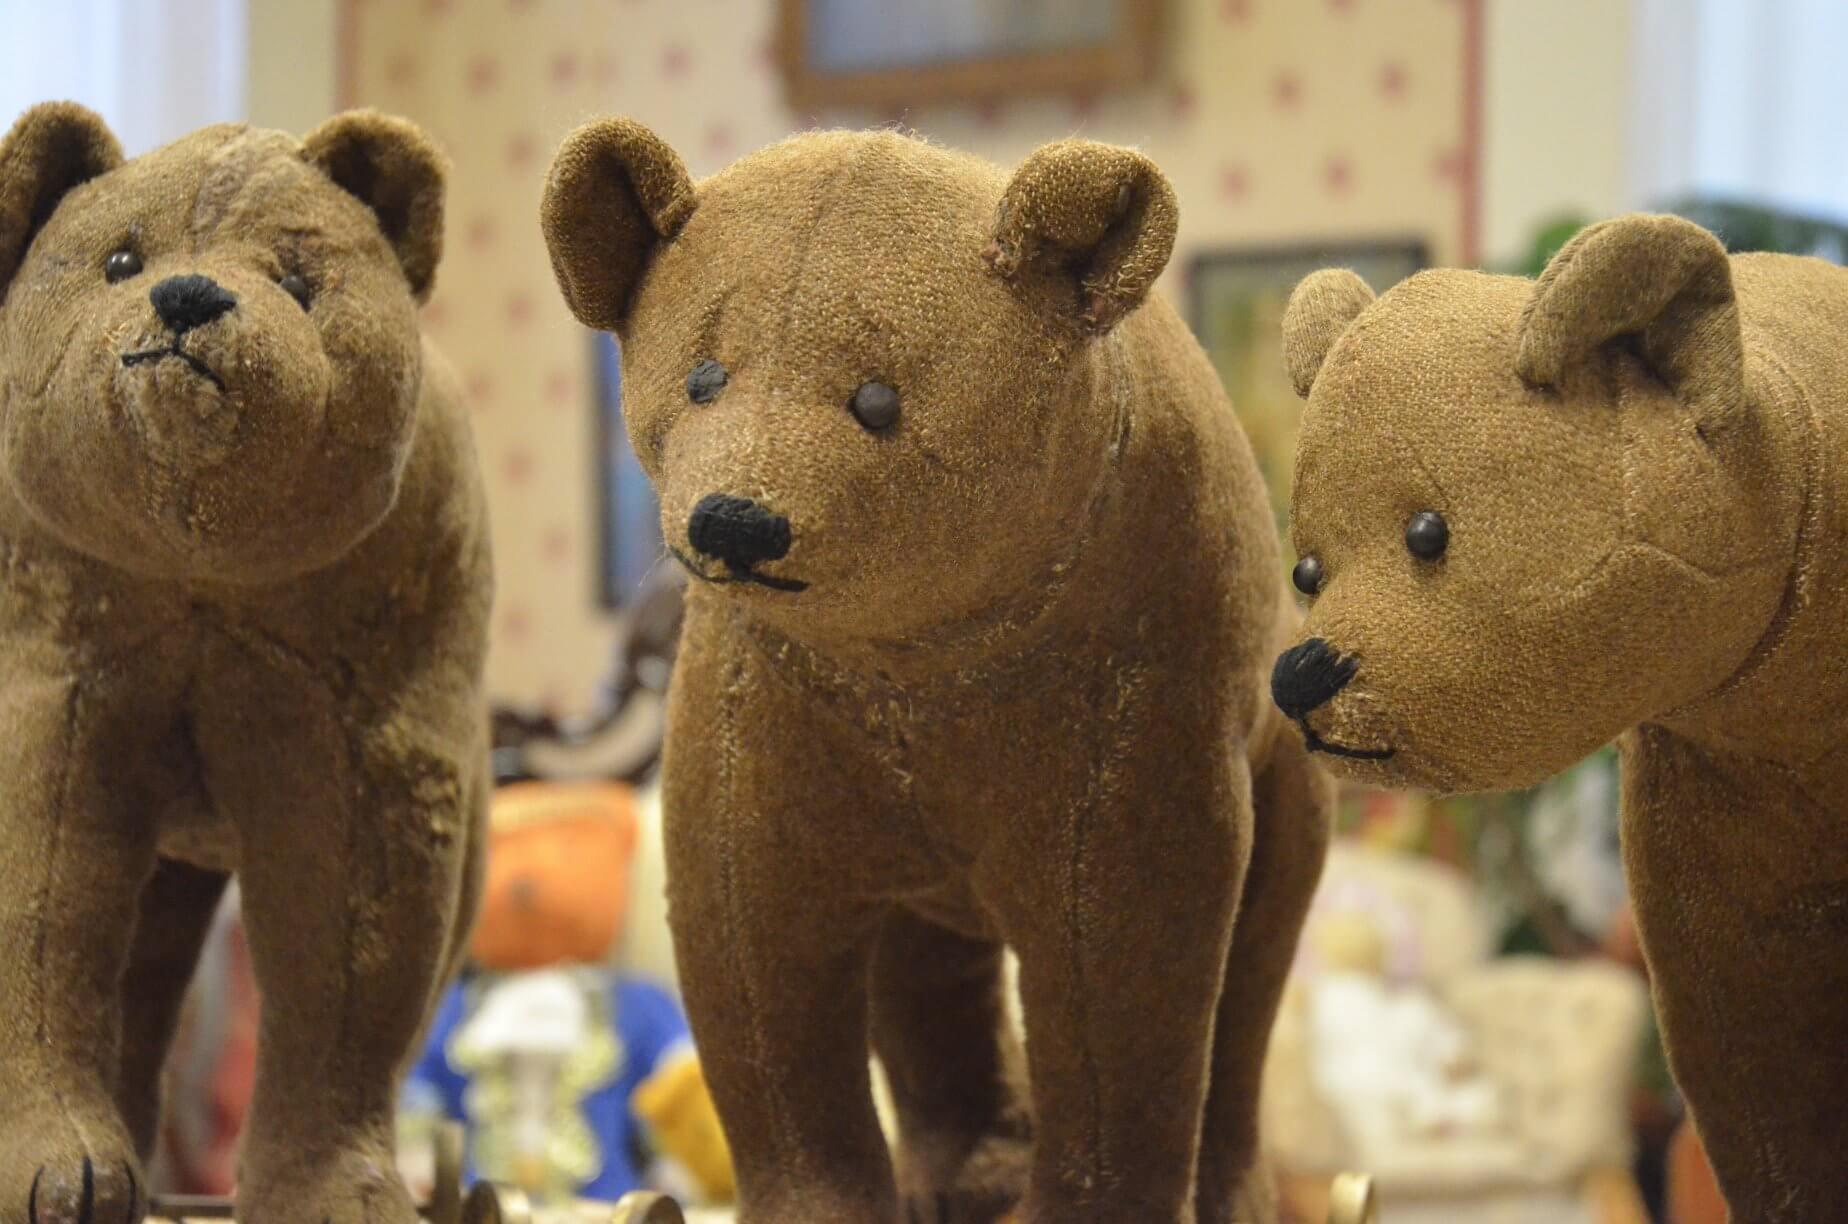 B.A.P. Teddy Bear Museum and Exhibition hall, Rákóczifalva